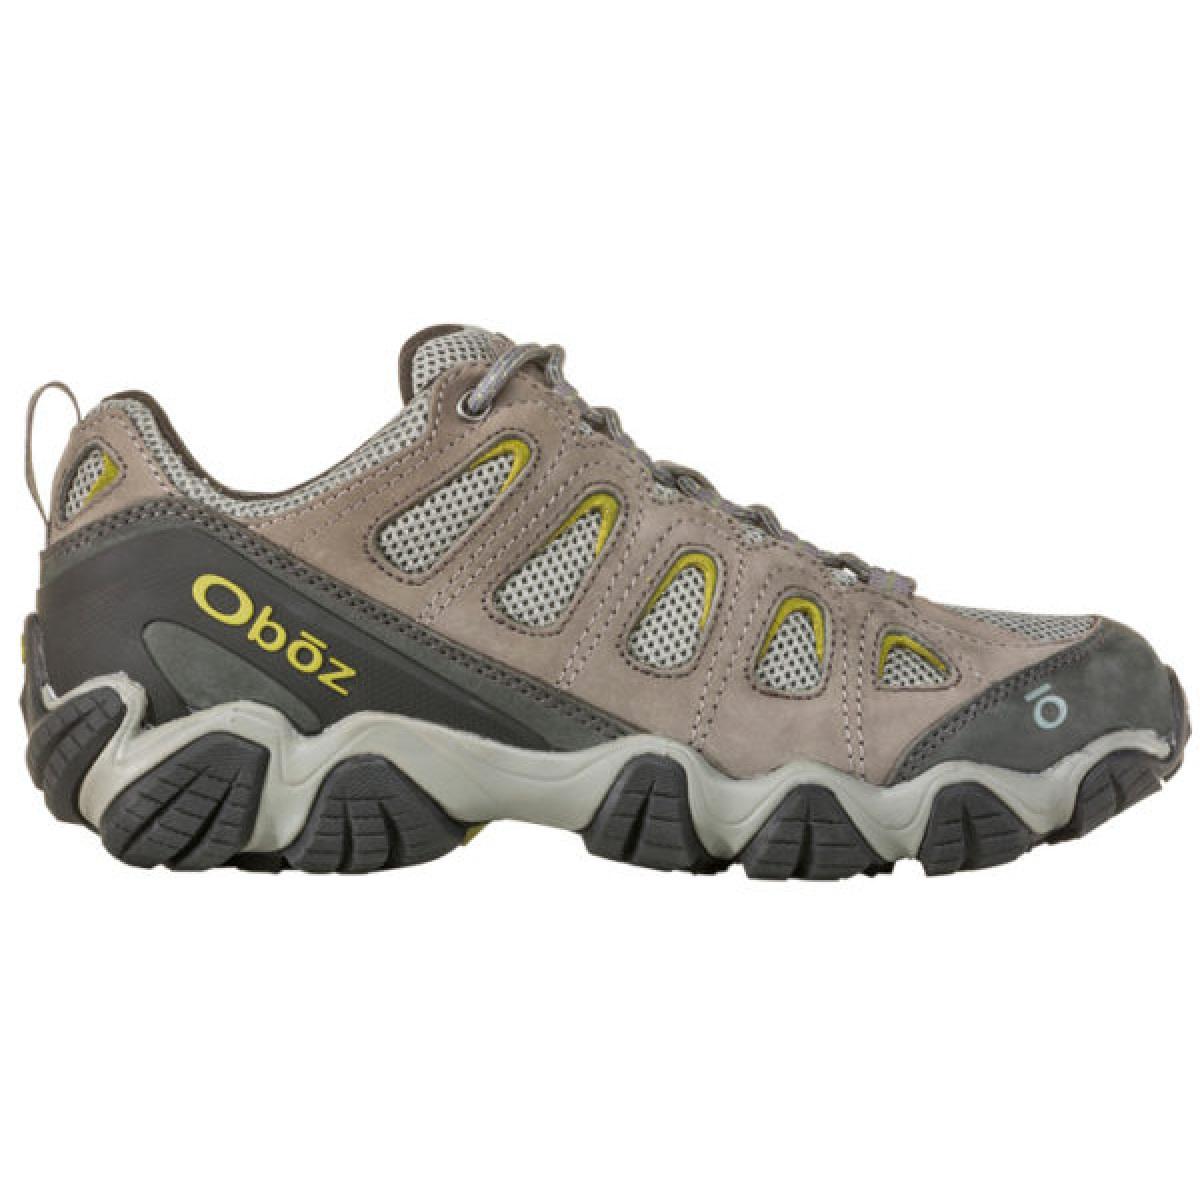 Oboz Oboz Men's Sawtooth II Low Pewter